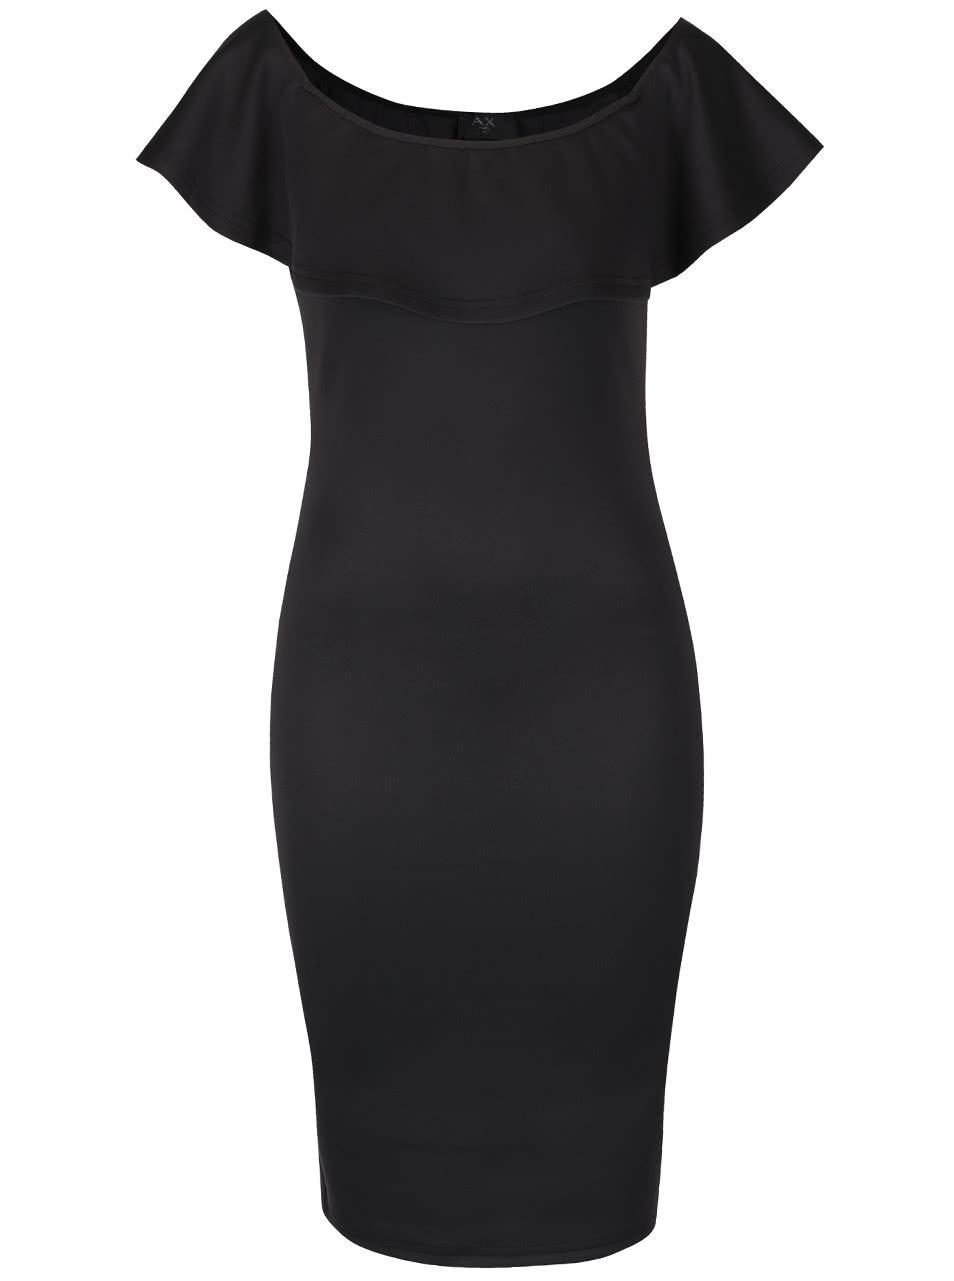 Čierne puzdrové šaty s odhalenými ramenami a volánom AX Paris ... 8b558f65610